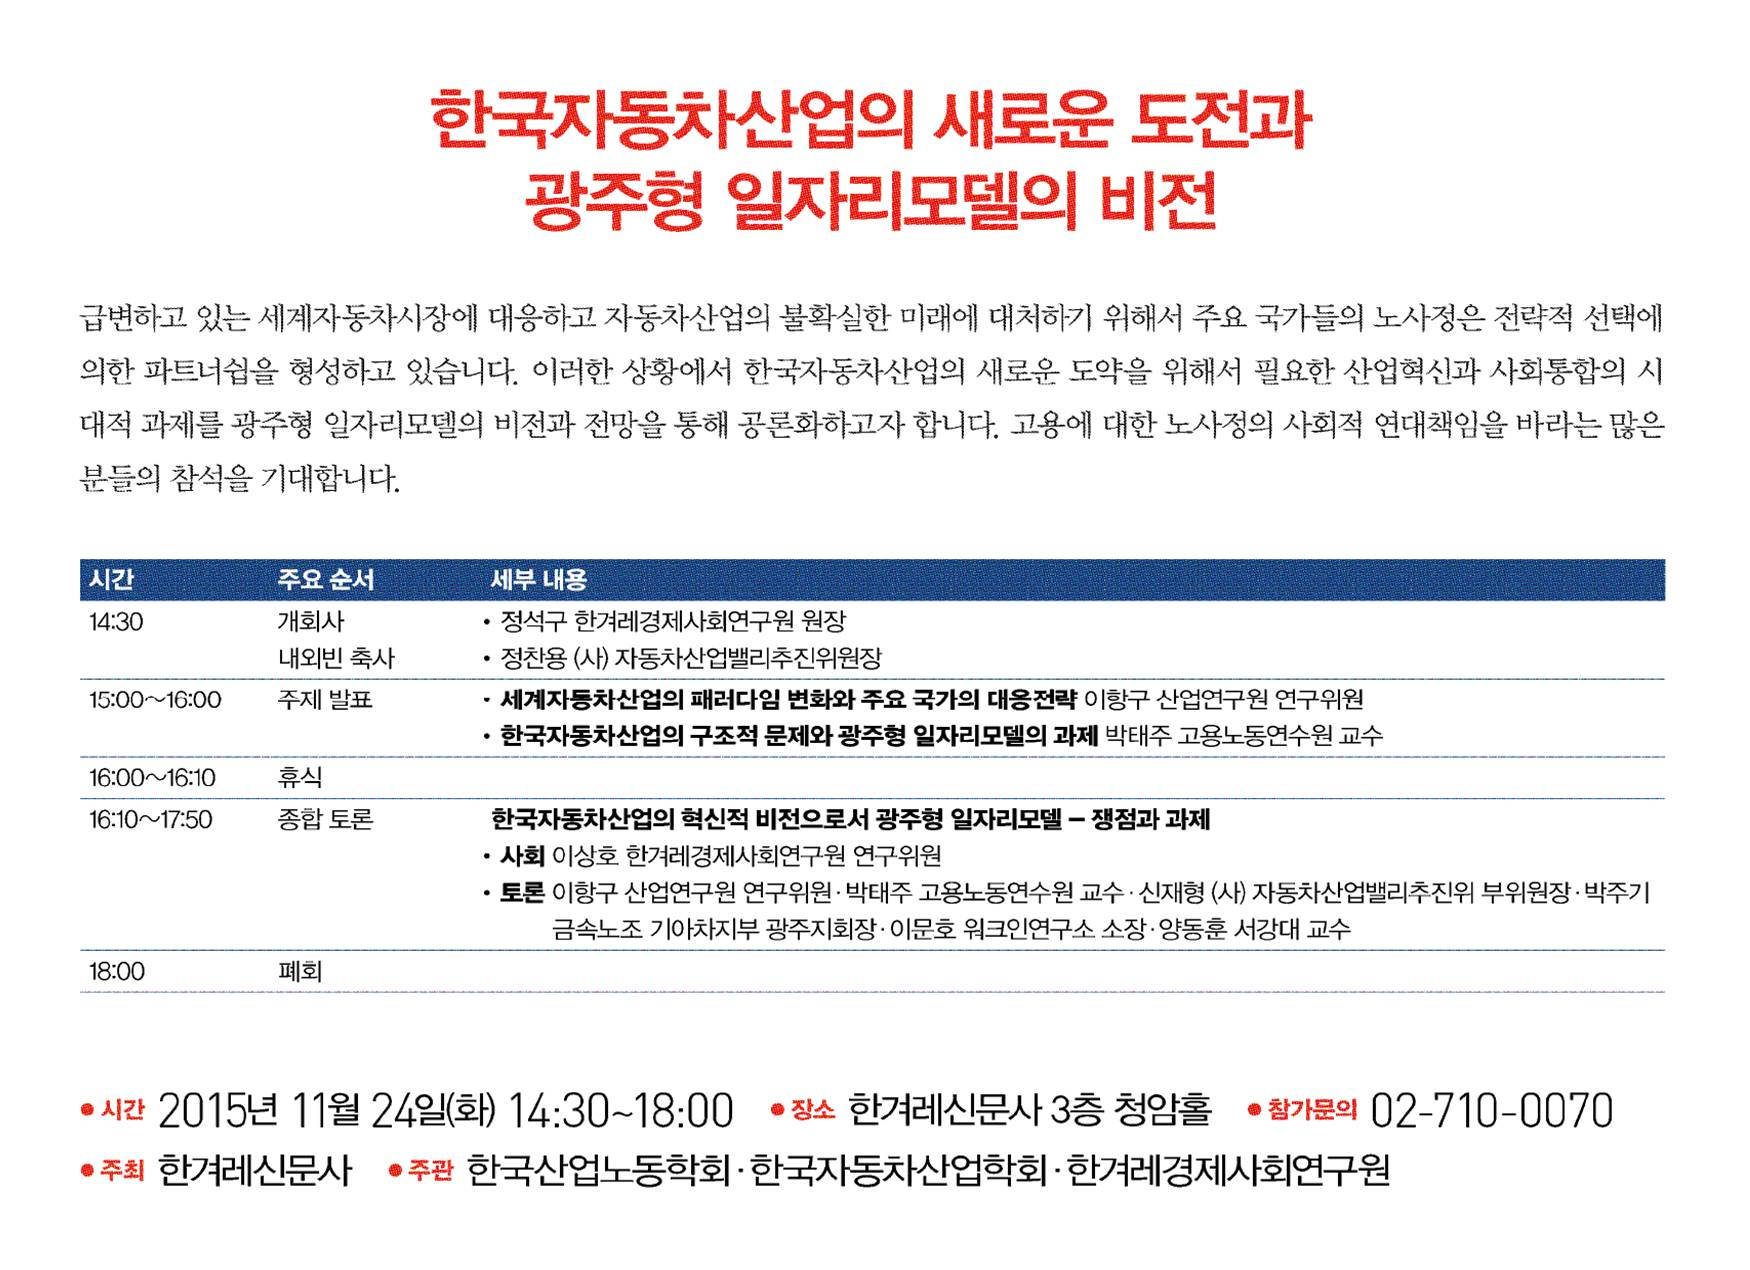 20151124_한국자동차산업의 새로운 도전과 광주형 일자리모델의 비전_프로그램.jpg